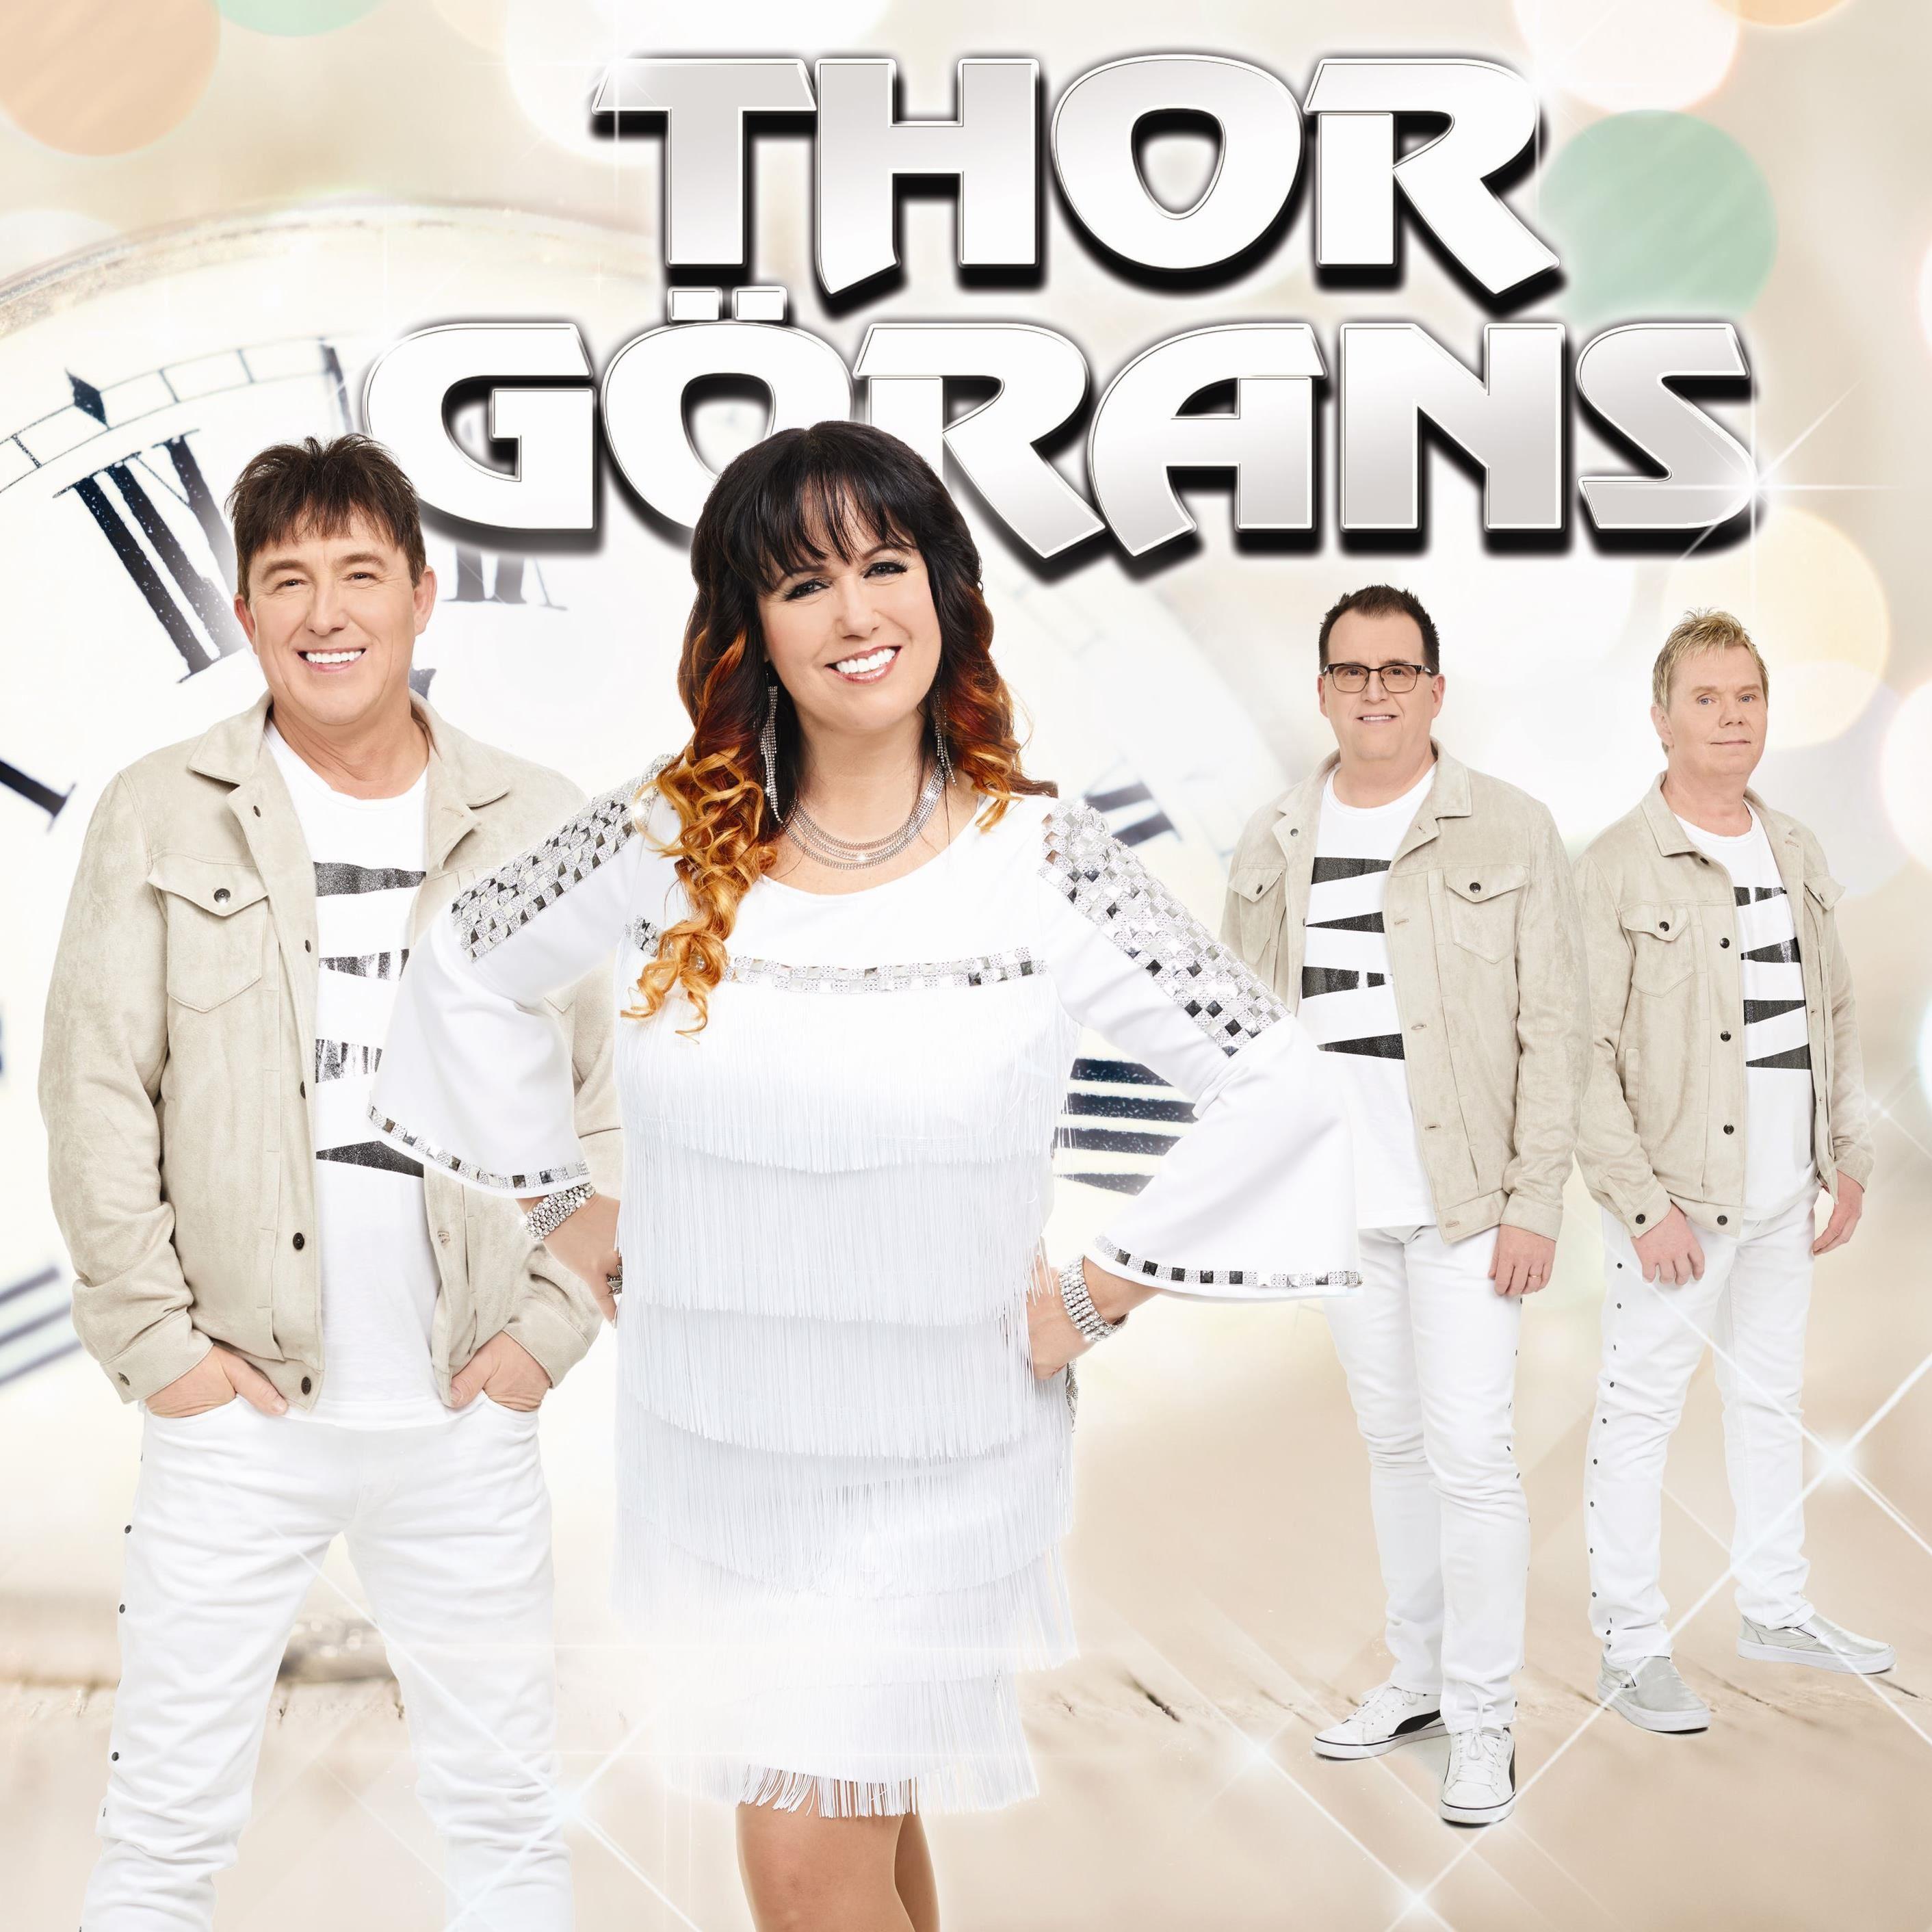 Dans till Thor Görans